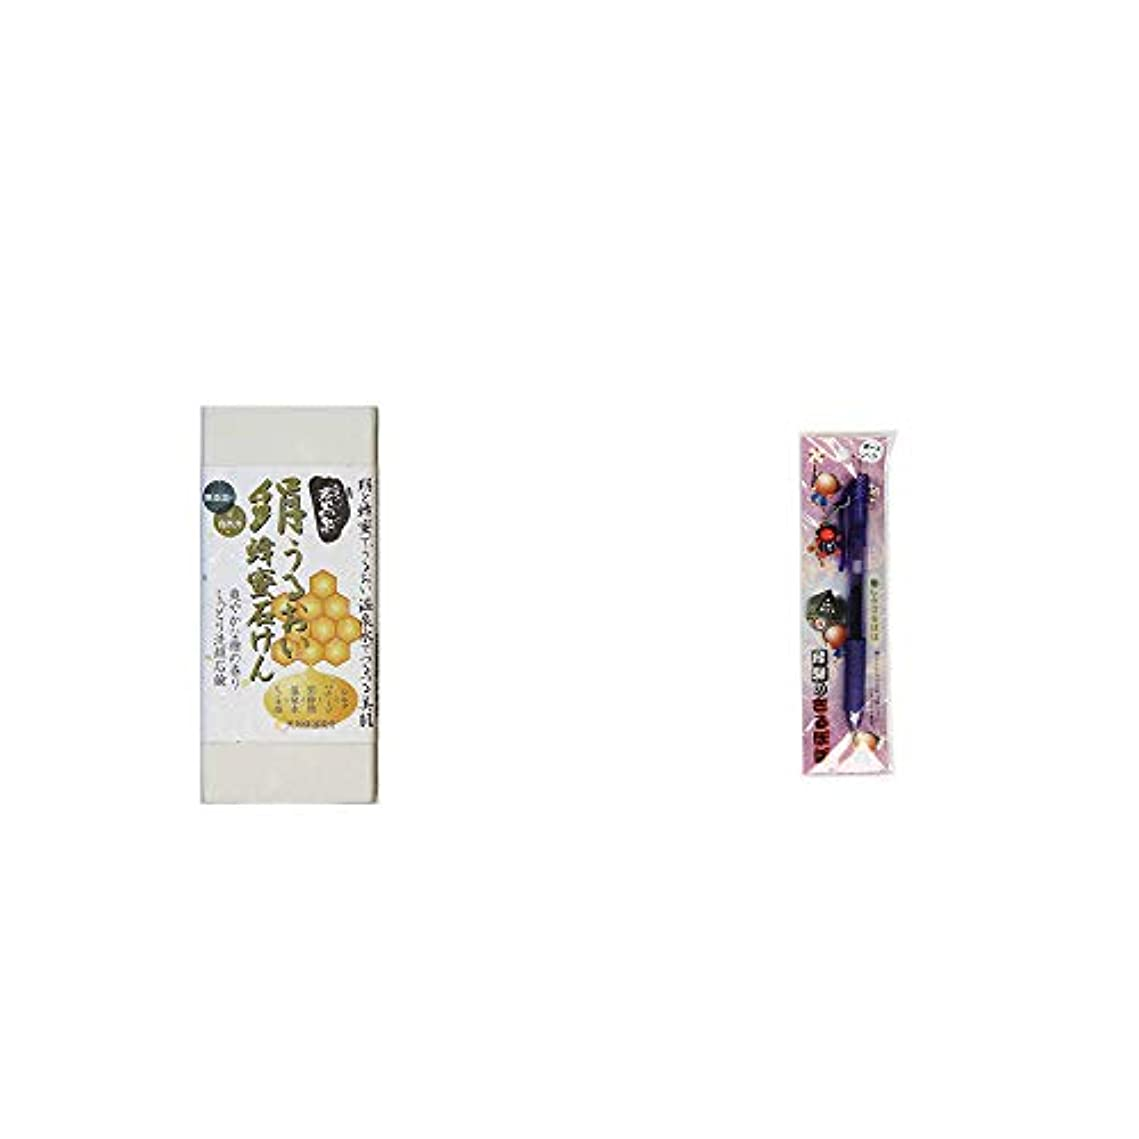 語贅沢告白する[2点セット] ひのき炭黒泉 絹うるおい蜂蜜石けん(75g×2)?さるぼぼ 癒しボールペン 【パープル】